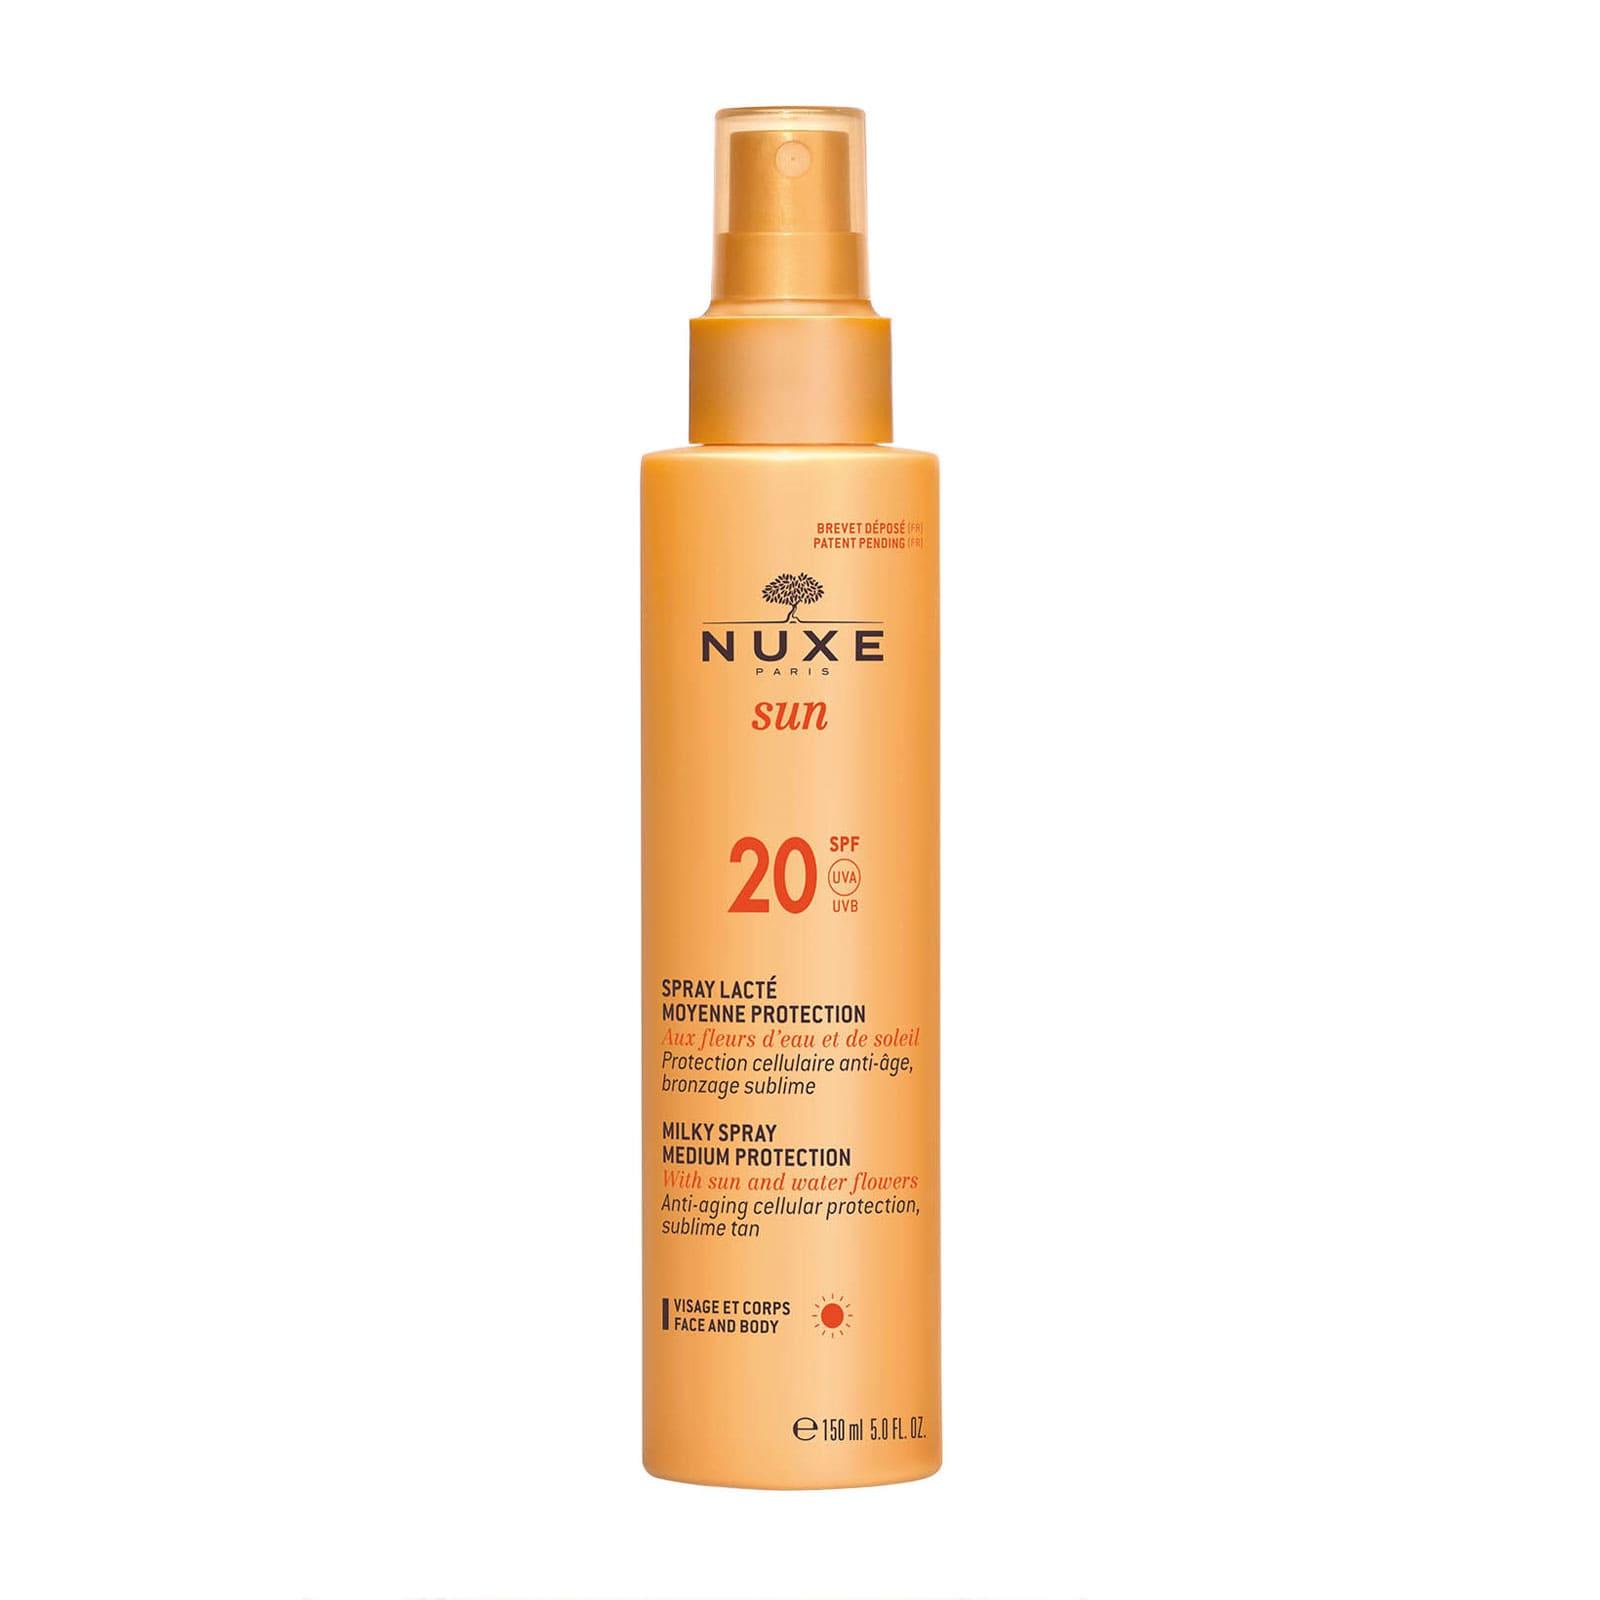 NUXE SUN Milky Spray for Face and Body - Medium Protection SPF20 38 лв. С една единствена лесна стъпка спреят защитава кожата, но и също така стимулира естественото активиране на загара с бързо абсорбираща, лека текстура.